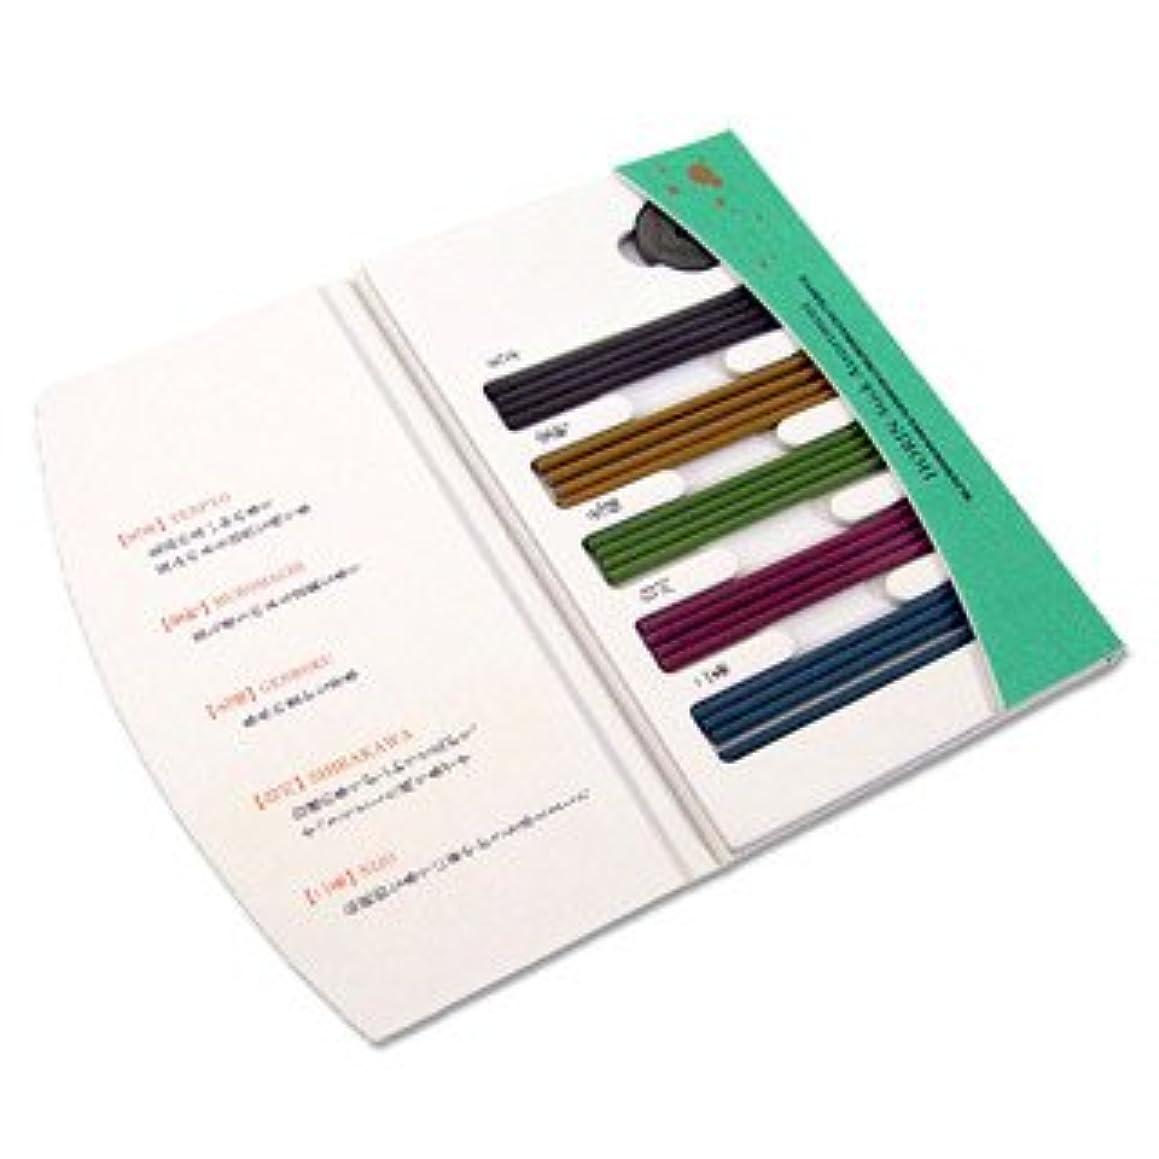 追い付く脚本家類似性Shoyeido's Horin Incense Assortment - 20 Sticks, New.